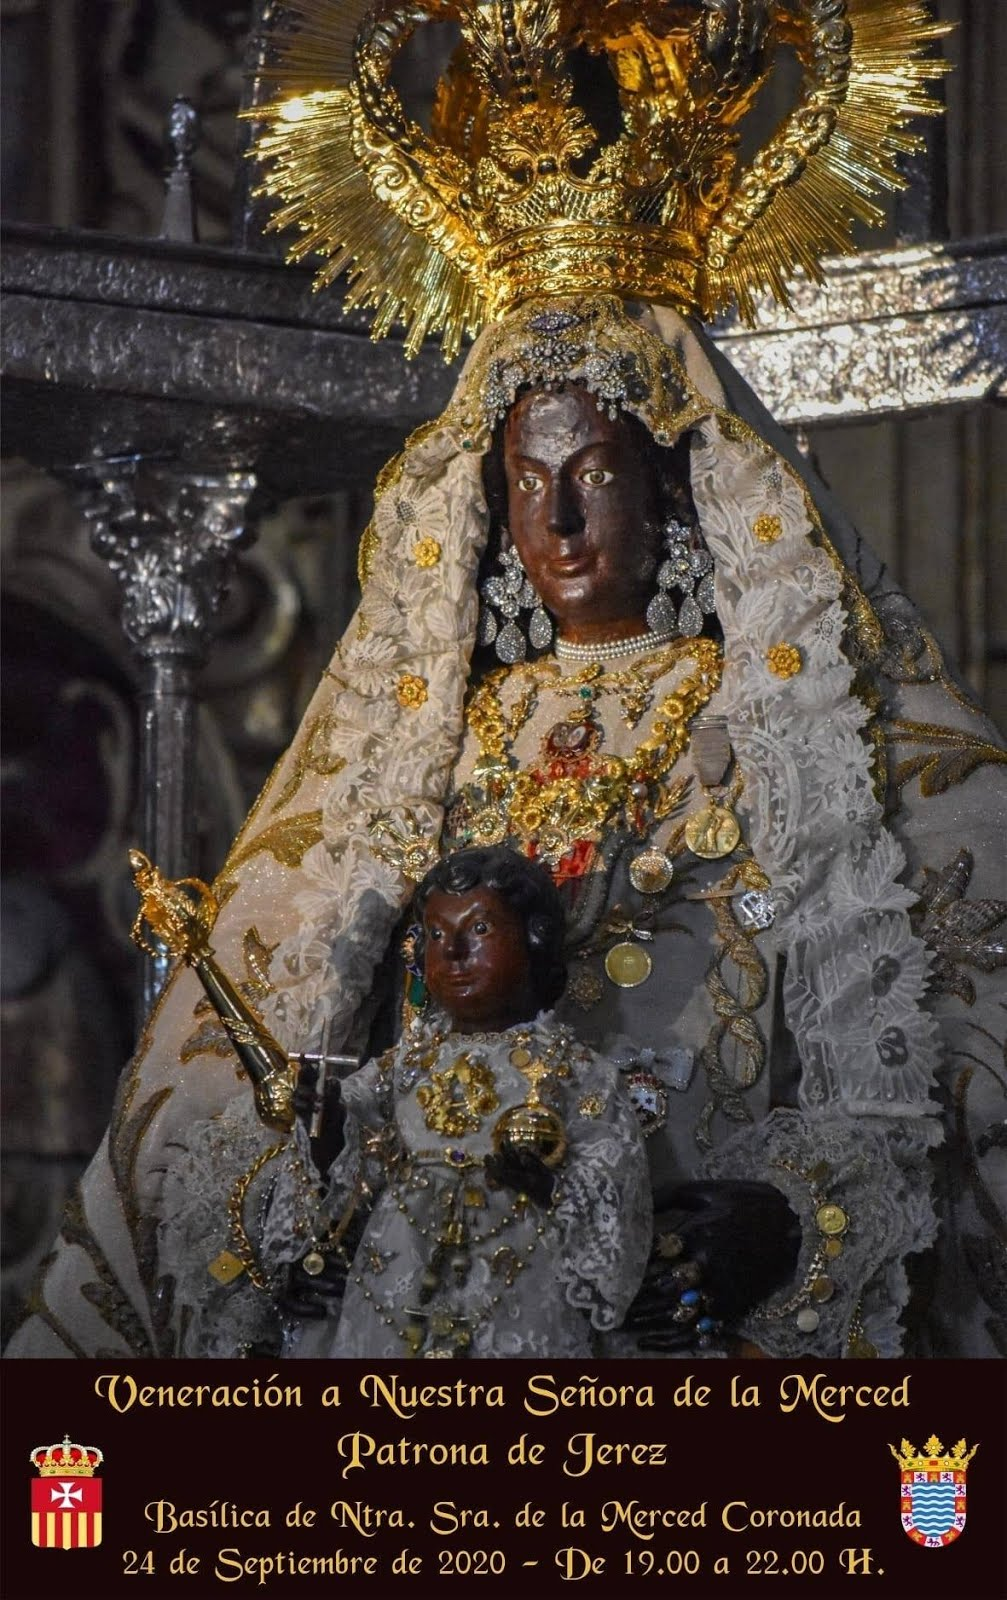 Veneración a Ntra. Sra. de la Merced